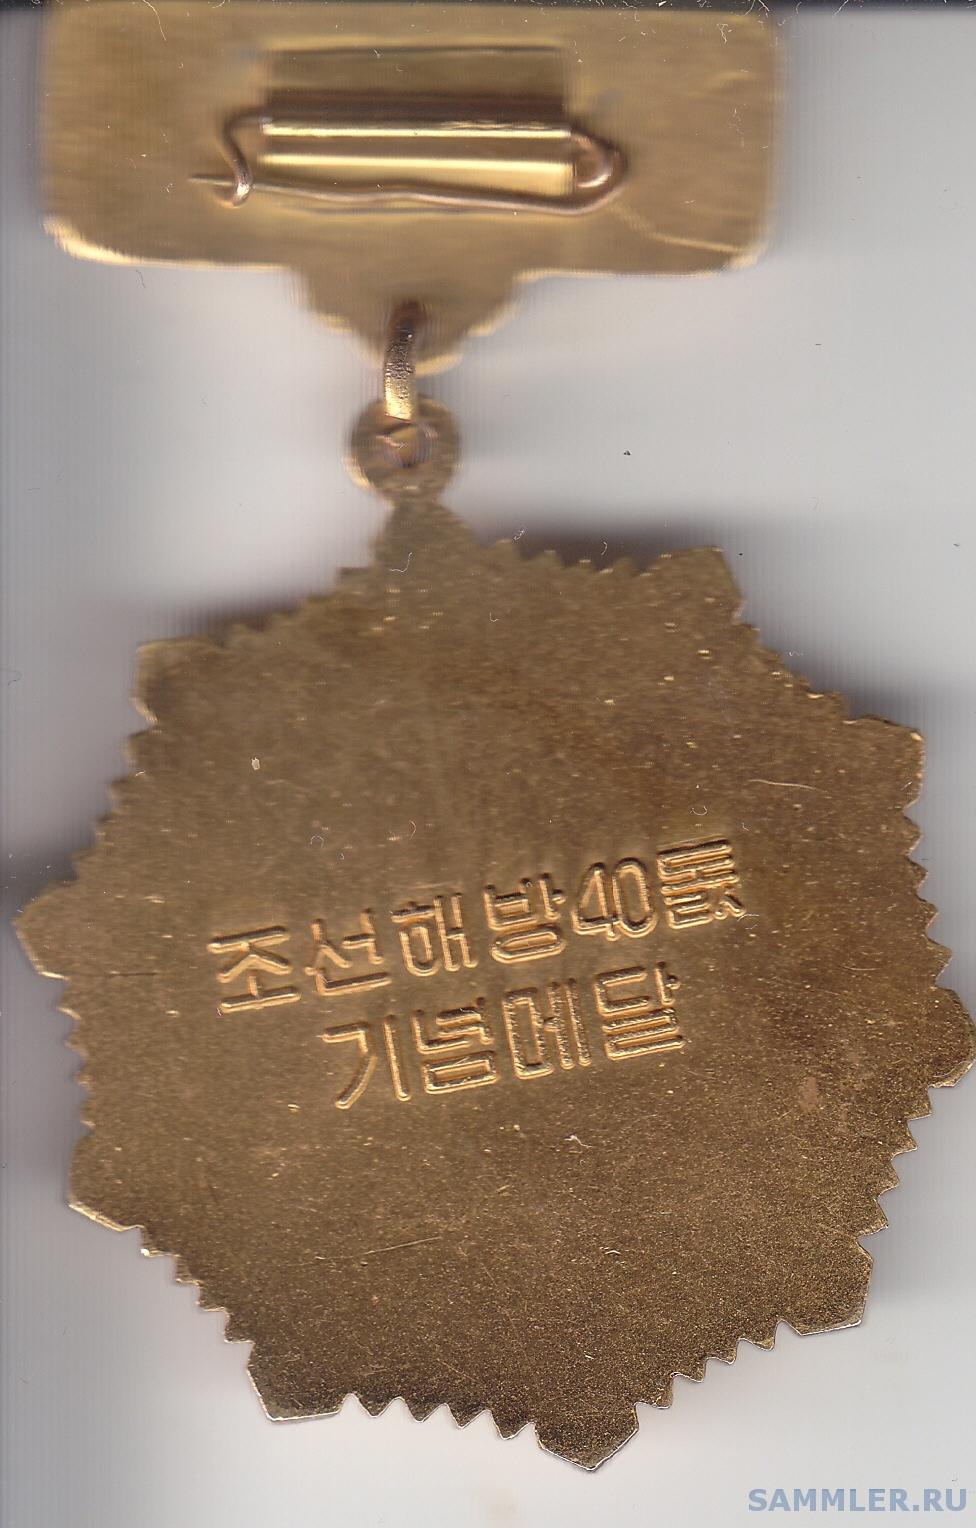 Мед 40 лет осв Кореи рев.jpg